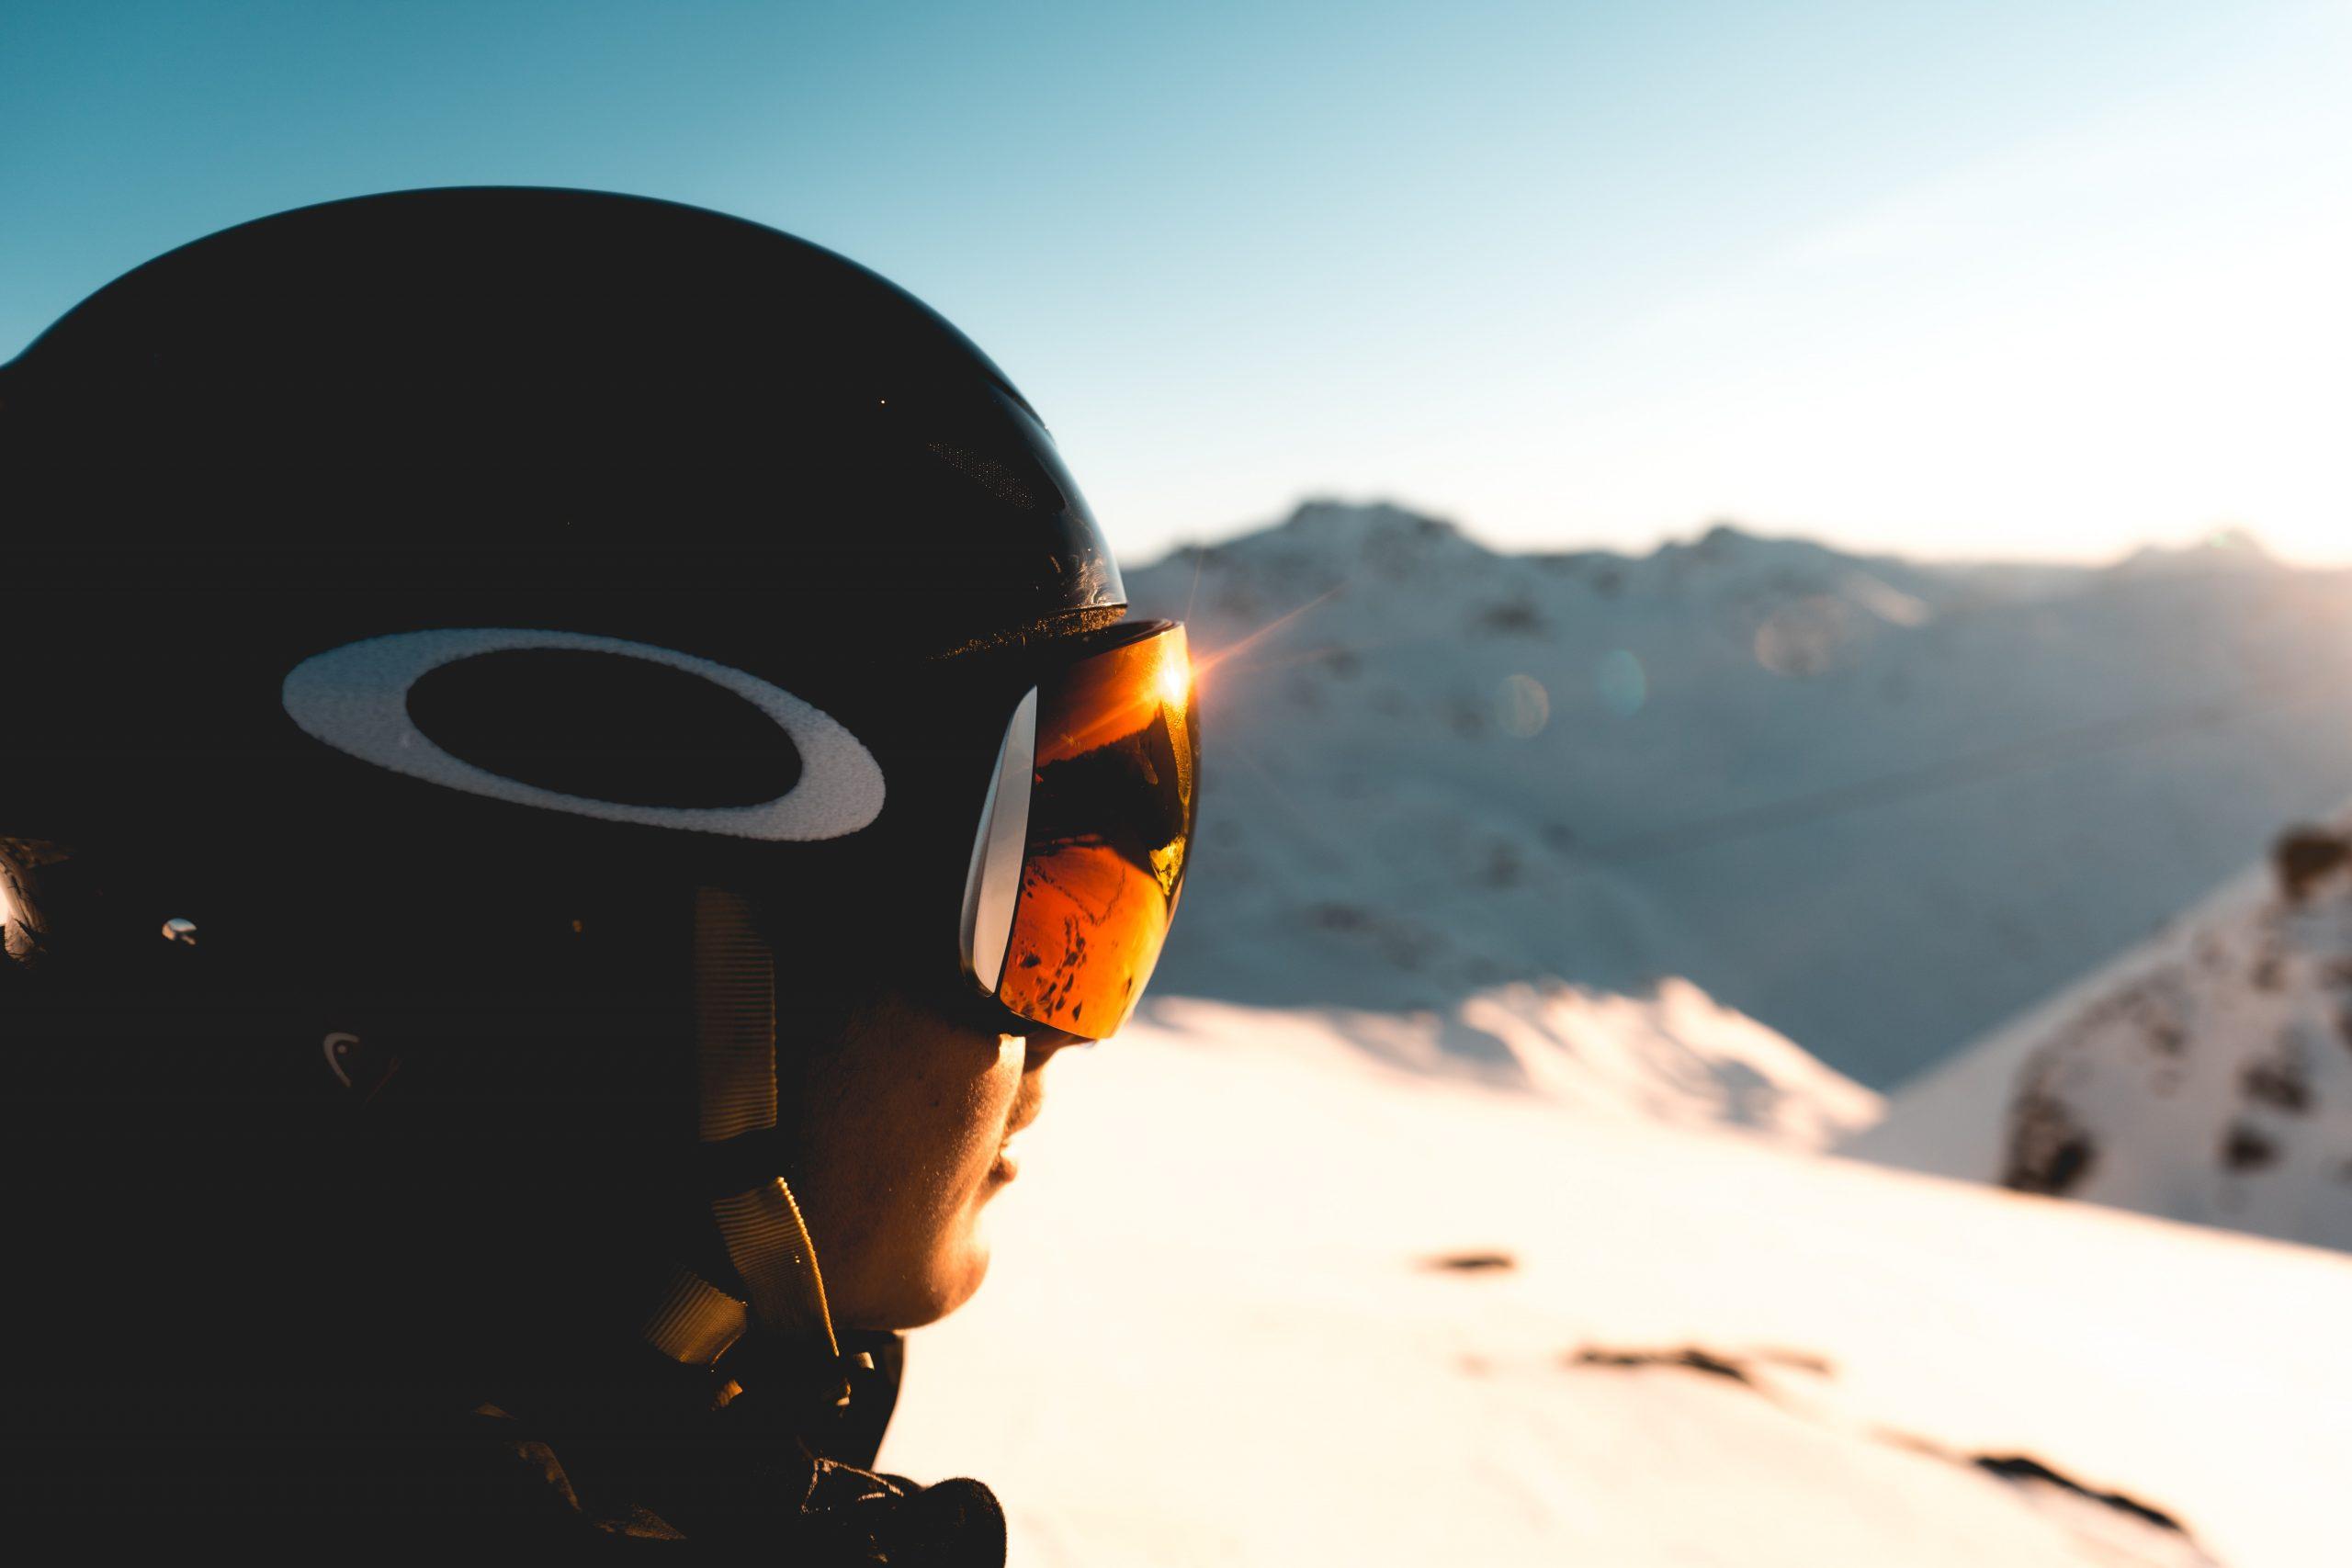 Gafas de esquí: ¿Cuáles son las mejores del 2021?